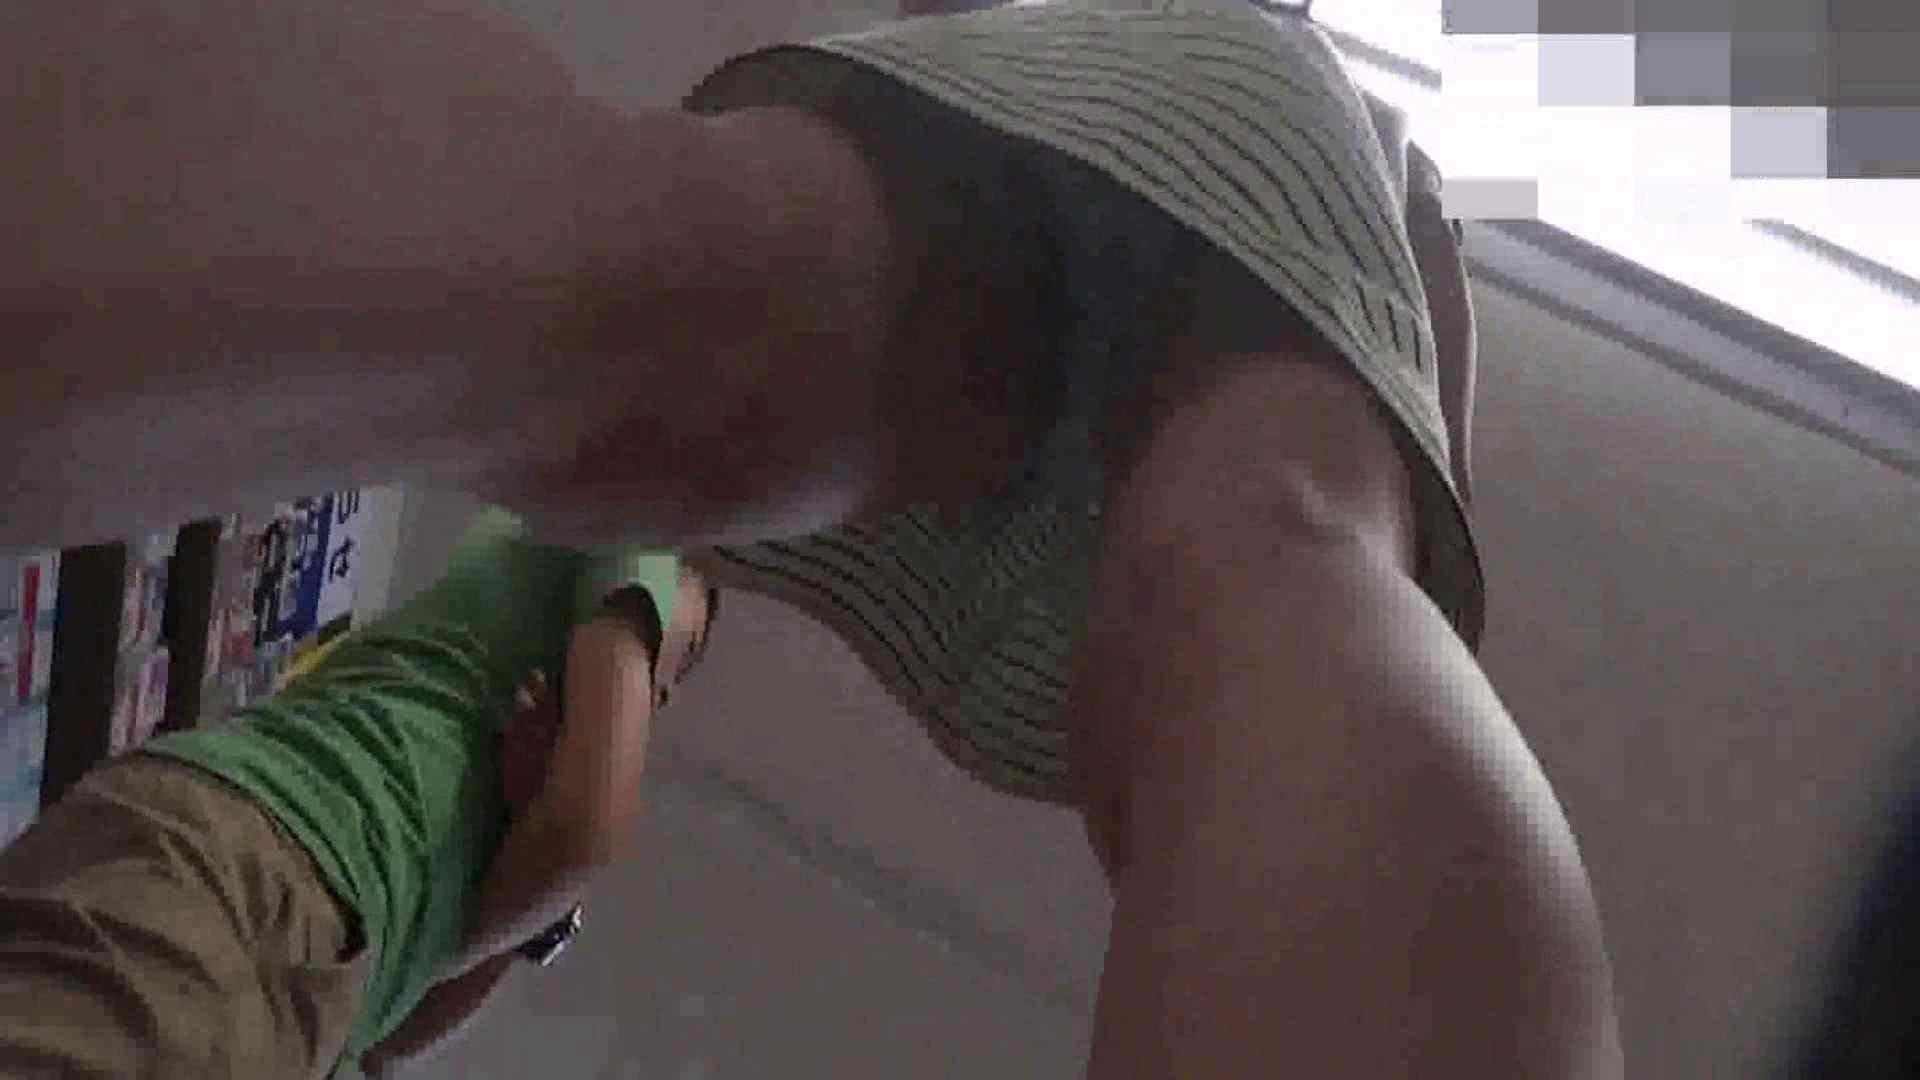 真剣に買い物中のgal達を上から下から狙います。vol.01 チラ系 | JK  79pic 40